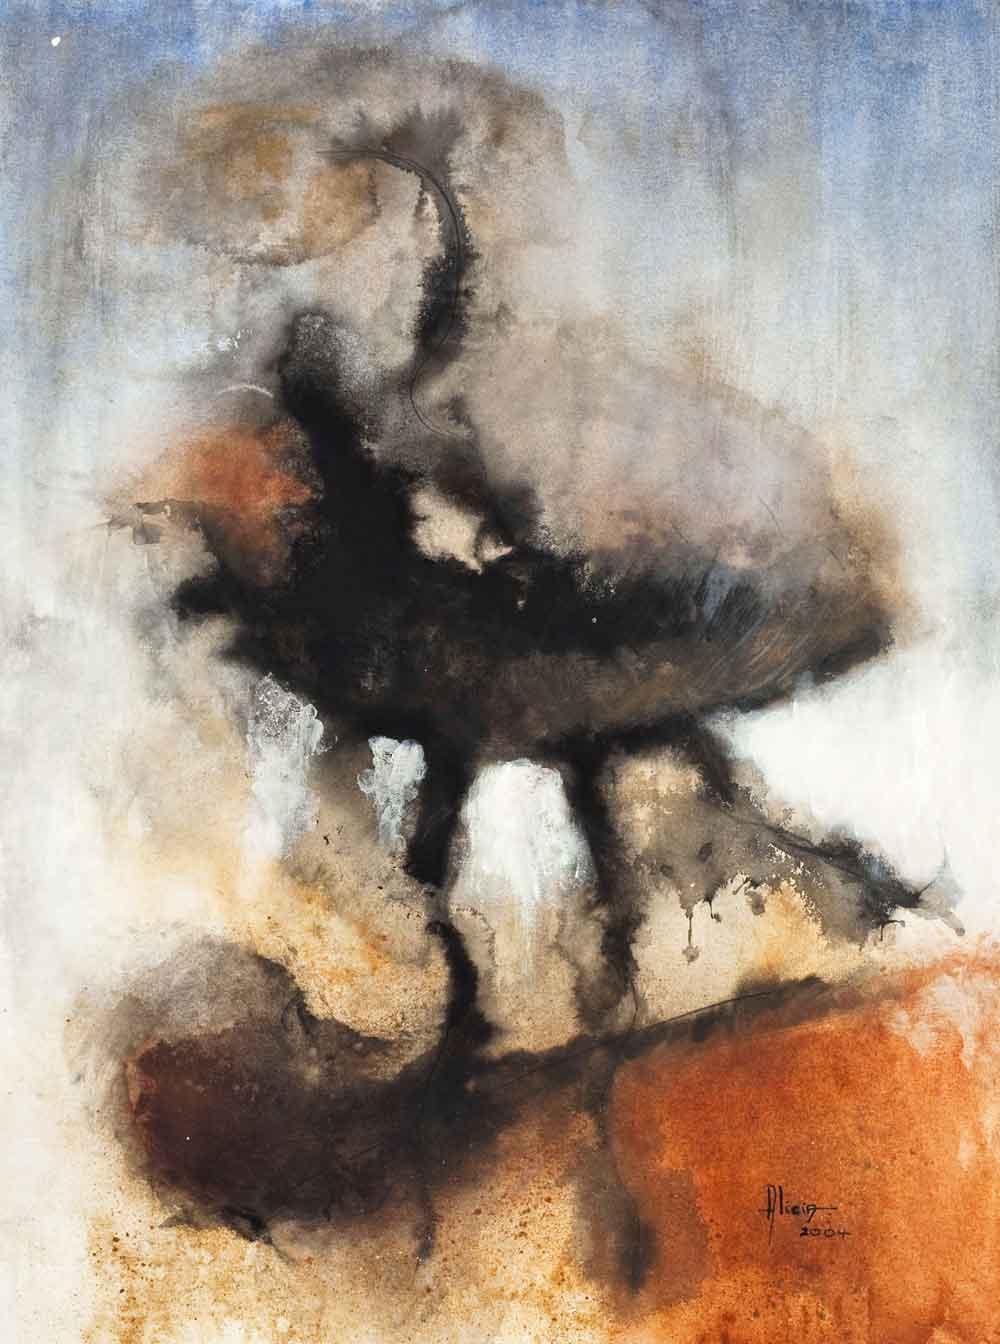 """Abstract II, 2007, mixed media on canvas, 40"""" x 60"""". Photo: Oriol Tarridas"""